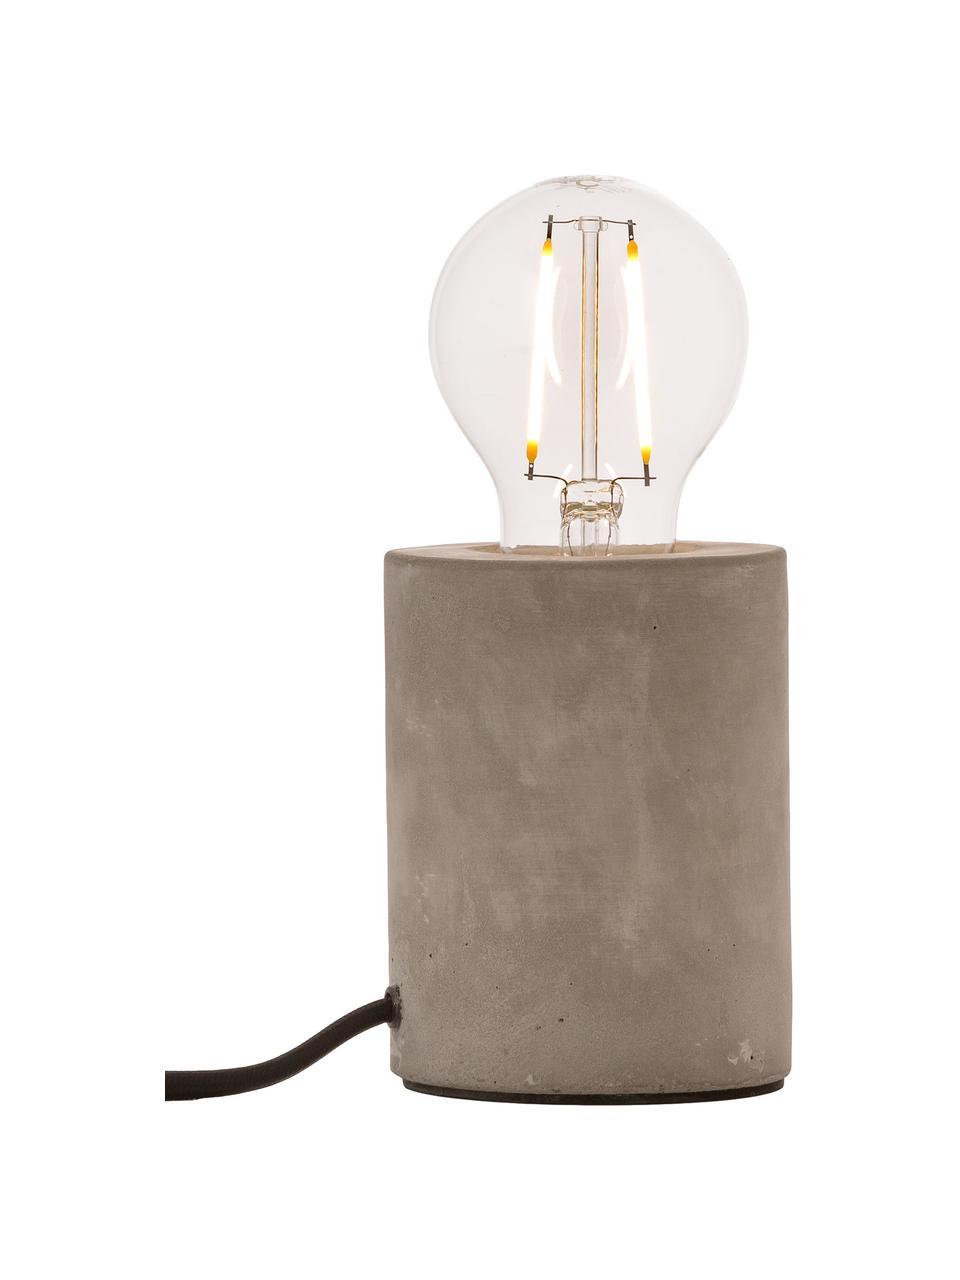 E27 Leuchtmittel, 4.6W, warmweiß, 6 Stück, Leuchtmittelschirm: Glas, Leuchtmittelfassung: Aluminium, Transparent, Ø 8 x H 10 cm